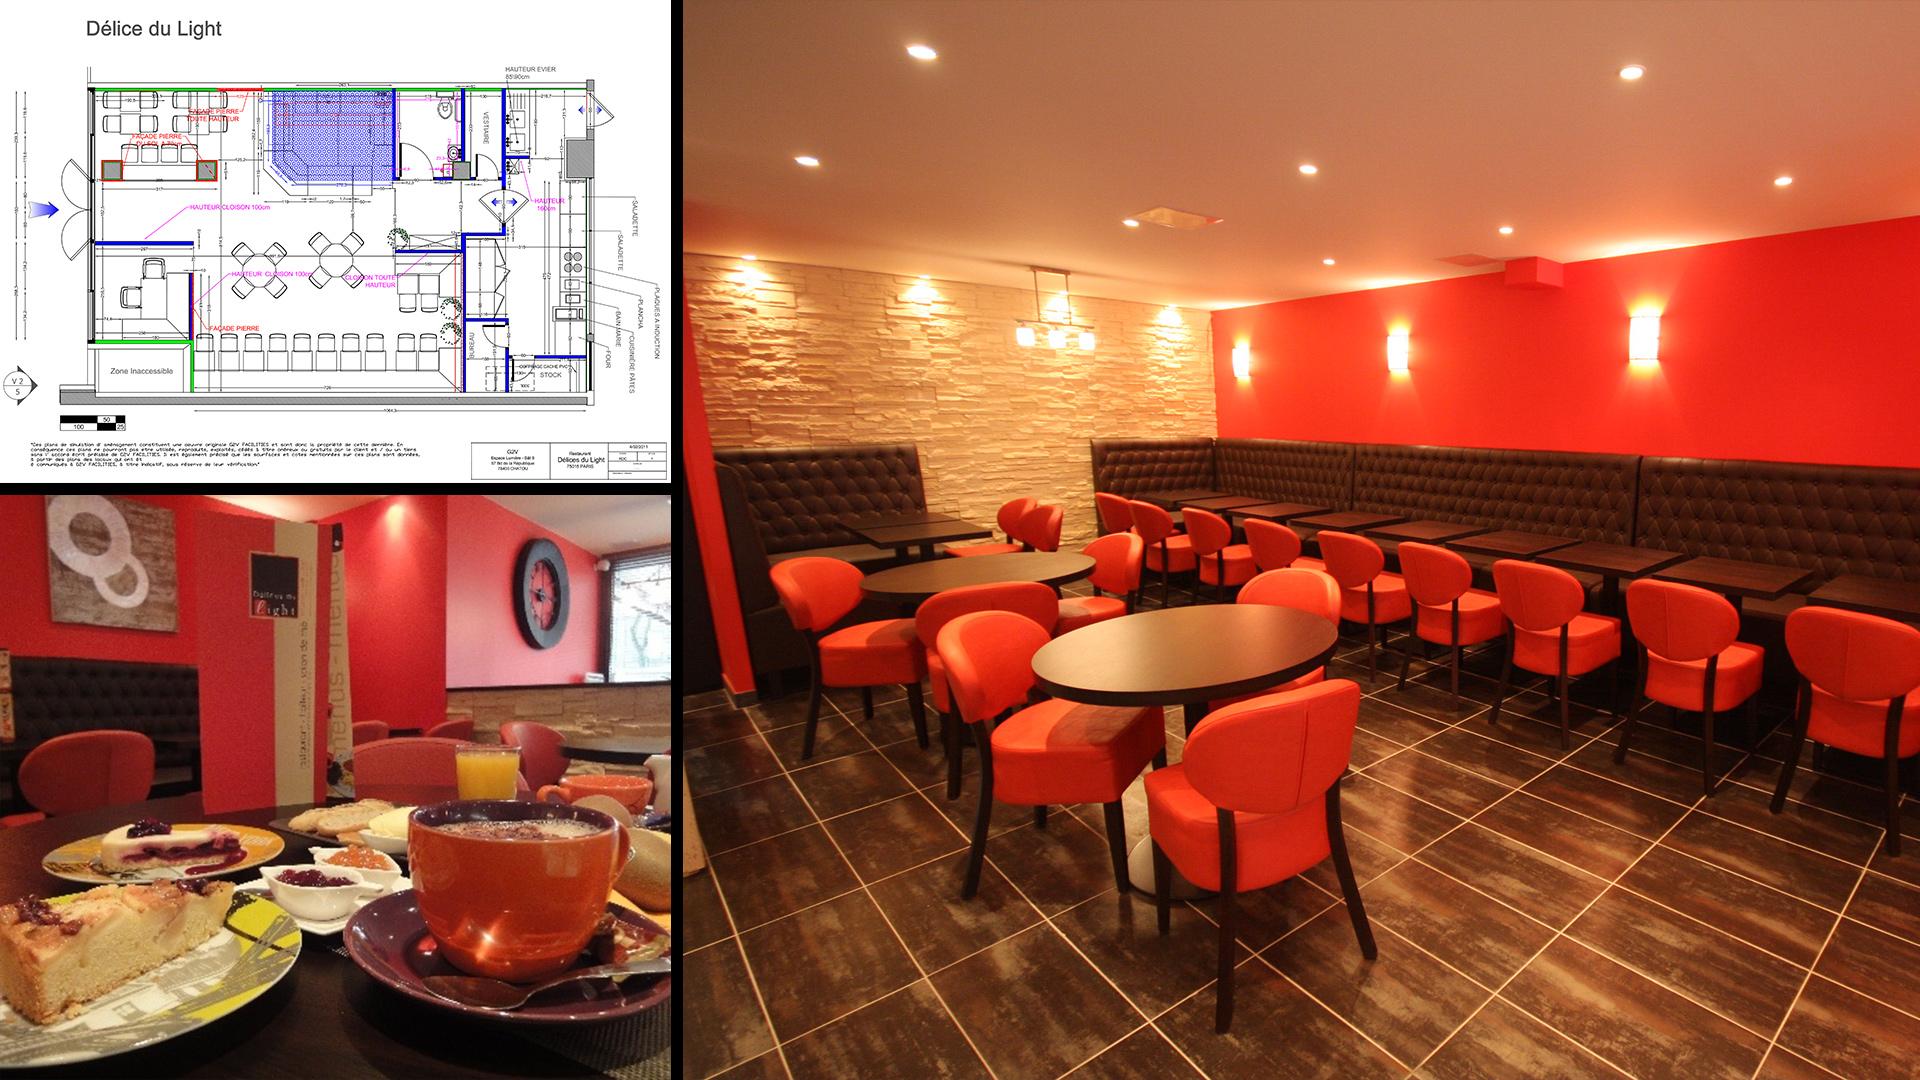 Interior Design, Restaurant Delices du Light, Parigi